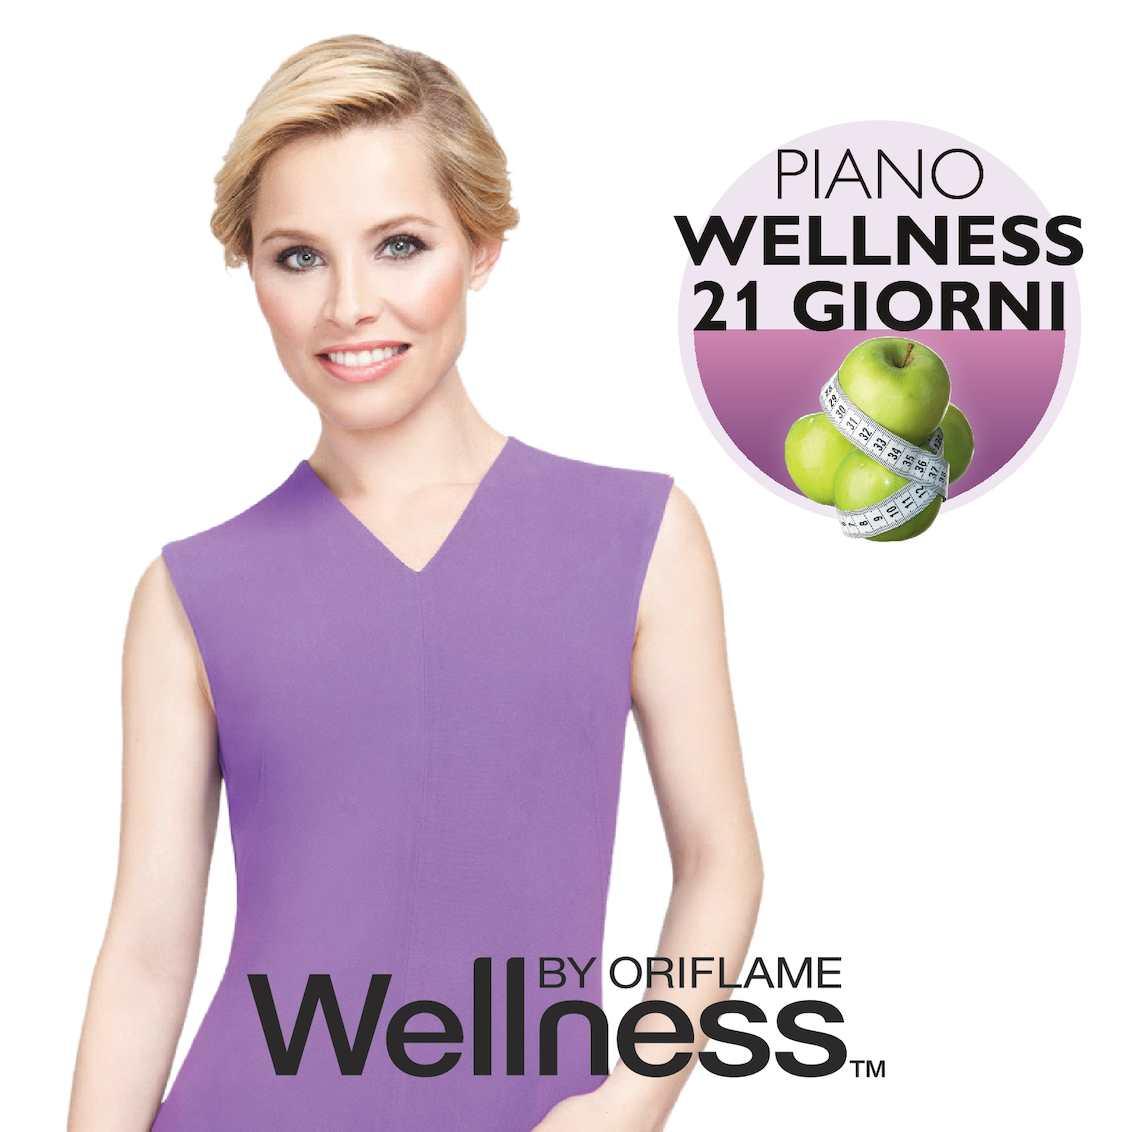 Piano Dietetico Wellness 21 Giorni Oriflame